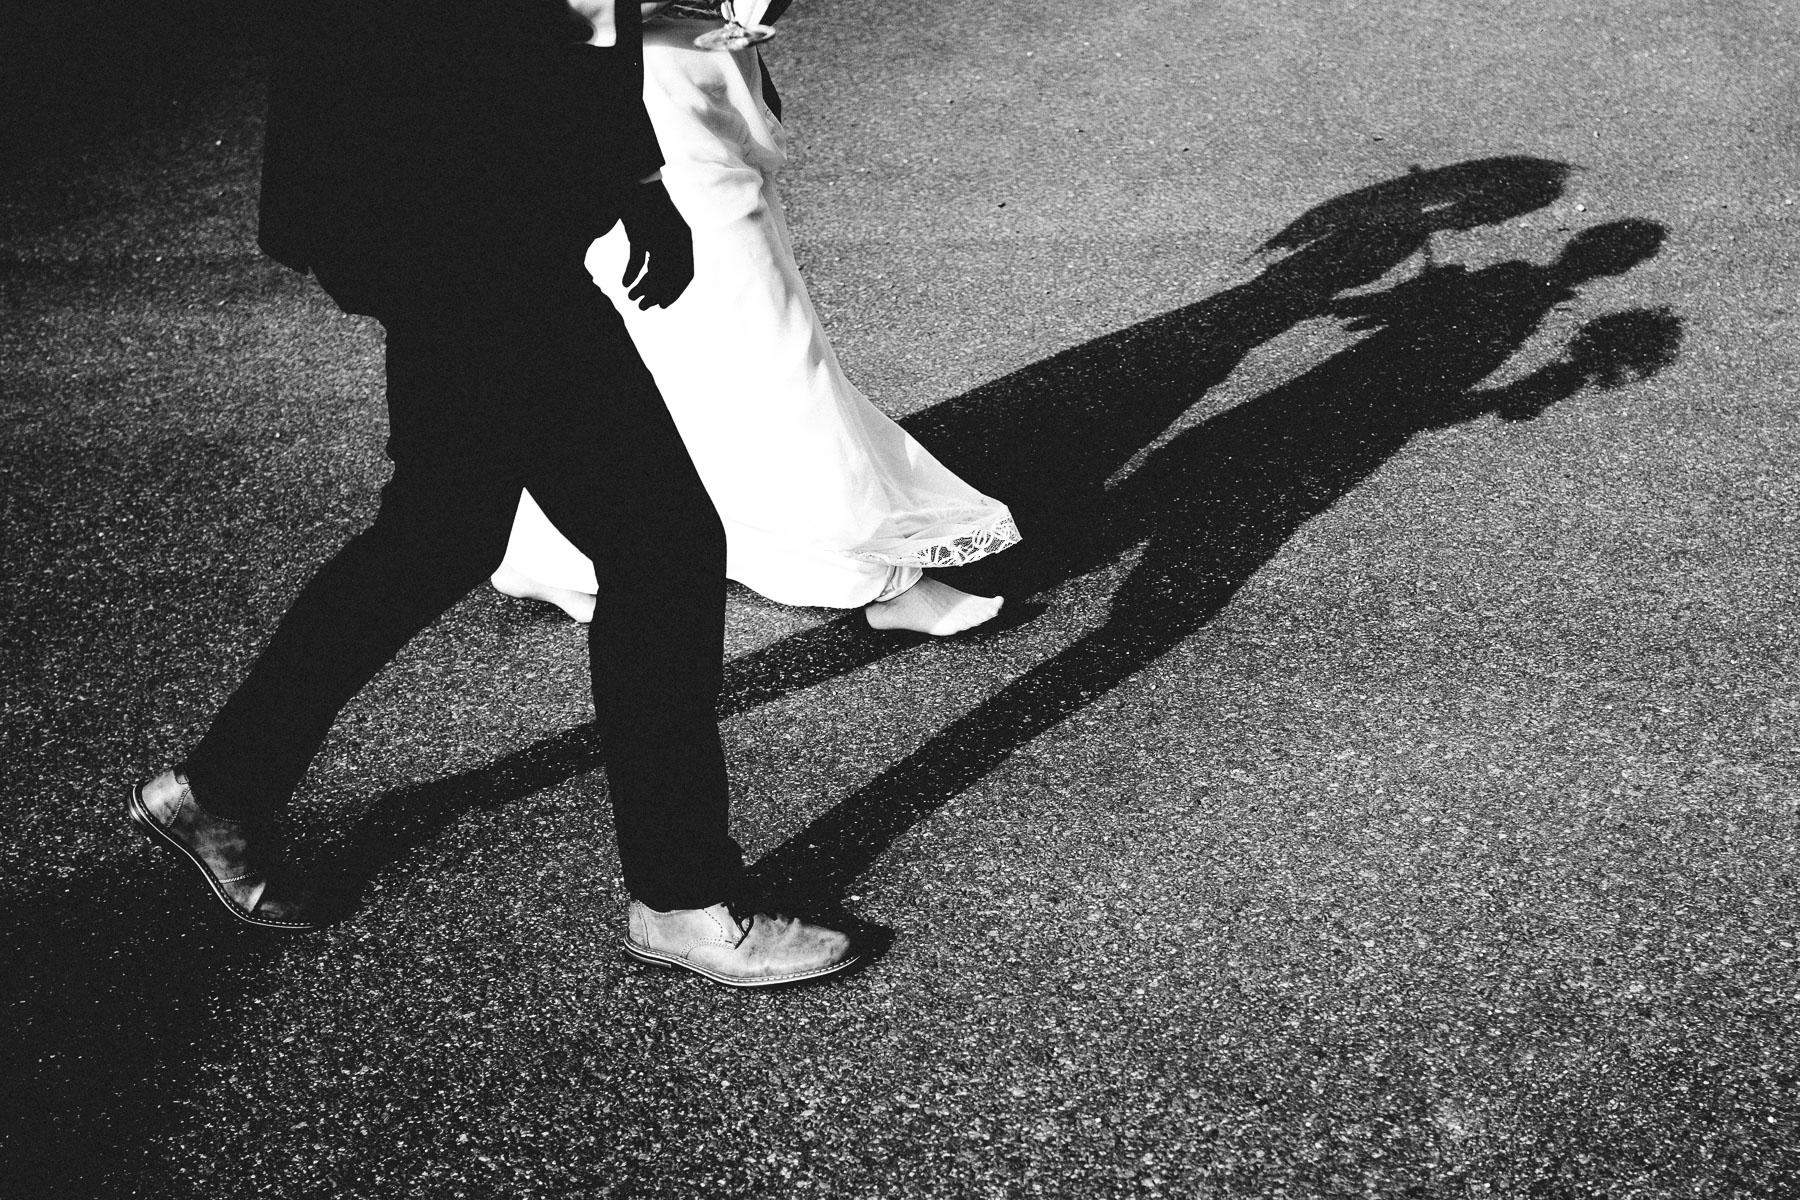 MartinLiebl_Hochzeitsfotograf_LCL_II_Blog_55.jpg